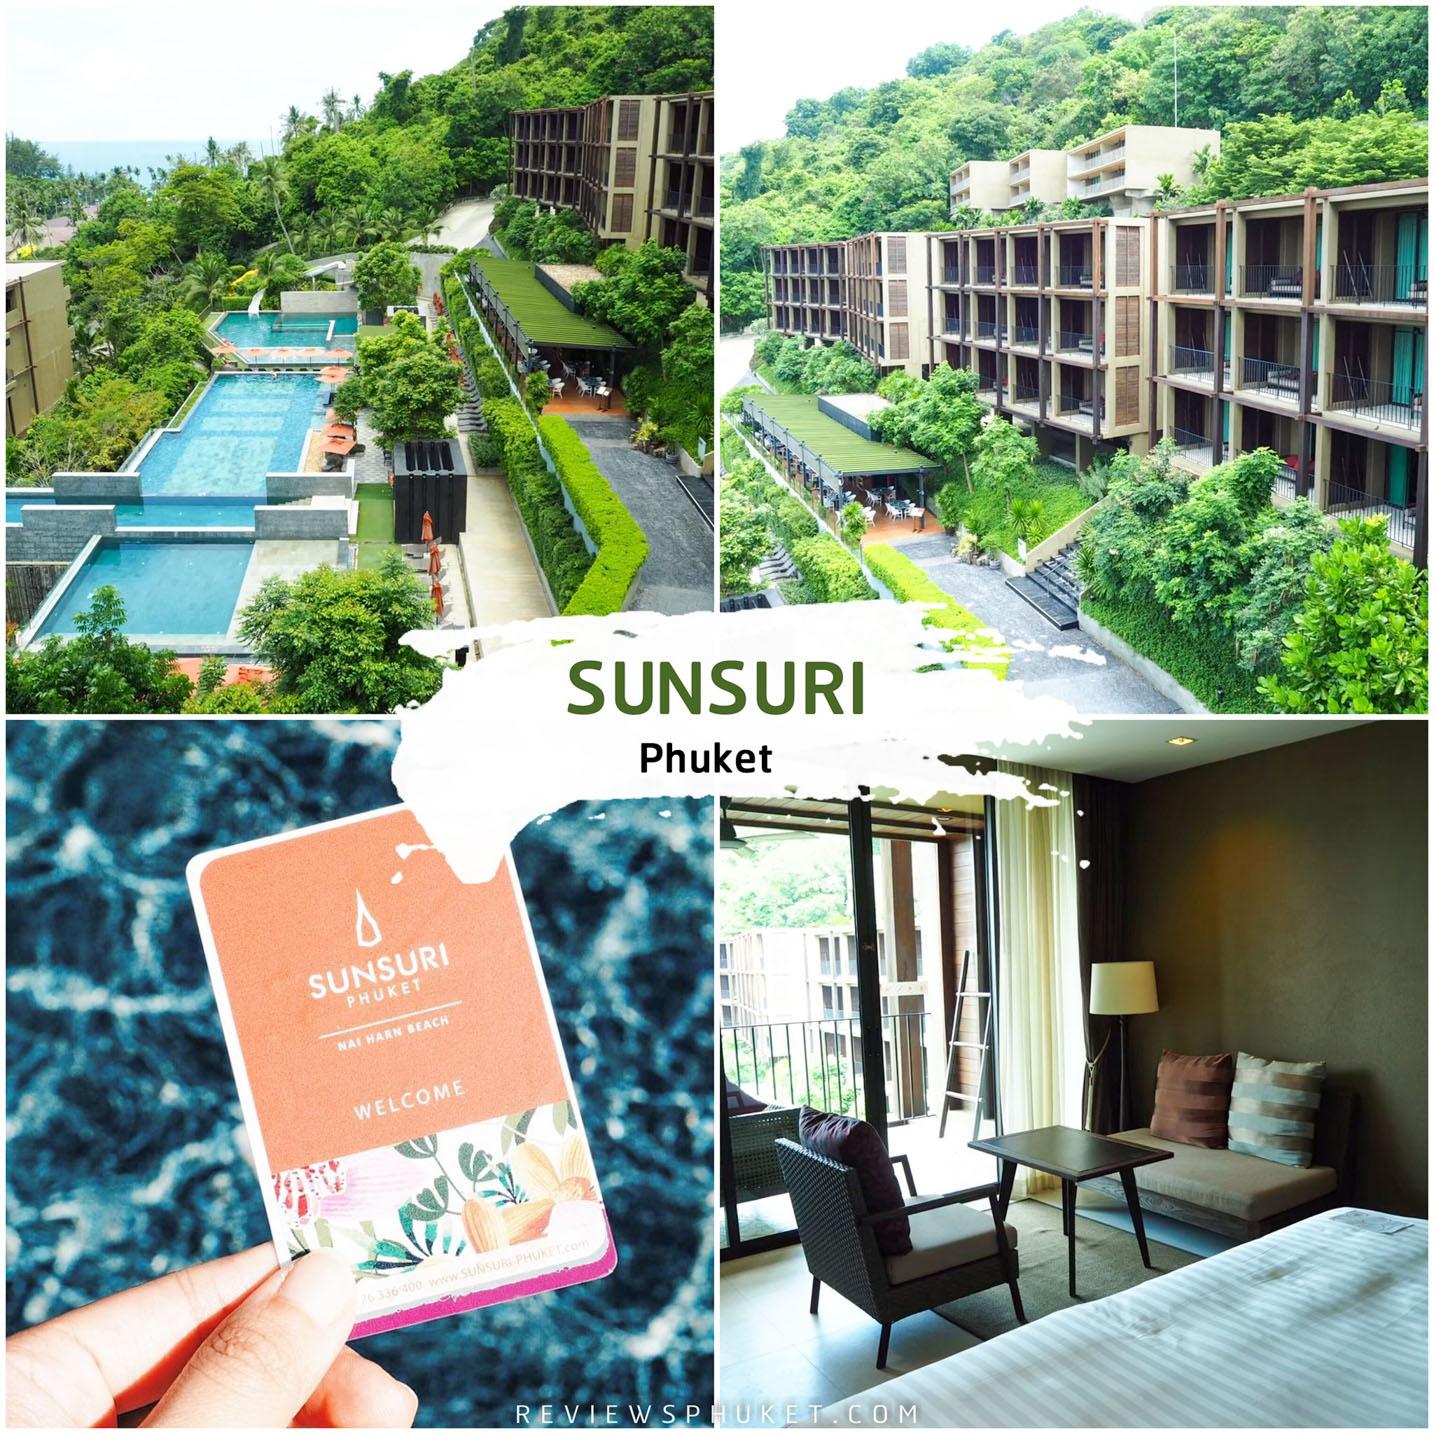 โรงแรมสันติ์สุริย์-ภูเก็ต --Sunsuri-Phuket-Hotel--ที่พักสุดสวยติดหาดในหาน-ที่พักออกแบบทรง-slope-ให้เห็นวิวทะเลอย่างสุดสวยแบบพาโนรามา-180-องศากันเลย-มีห้องพักทั้งหมด-130-ห้อง-และ-20-พูลวิลล่าให้เลือกเช็คอินกันตามชอบเลย-การออกแบบจะแนวสไตล์โมเดิร์นที่ยังมีกลิ่นไอความเป็๋นภูเก็ตดั้งเดิมด้วย-บอกเลยว่าปังง-สระว่ายน้ำของที่นี่คือยิ่งแบ่งแยกเป็นหลายสระ-สาวๆต้องชอบแน่นอน  ที่พักภูเก็ต,ที่พักหรู,วิวหลักล้าน,ริมทะเล,โรงแรม,รีสอร์ท,Phuket,หาดสวย,น้ำใส